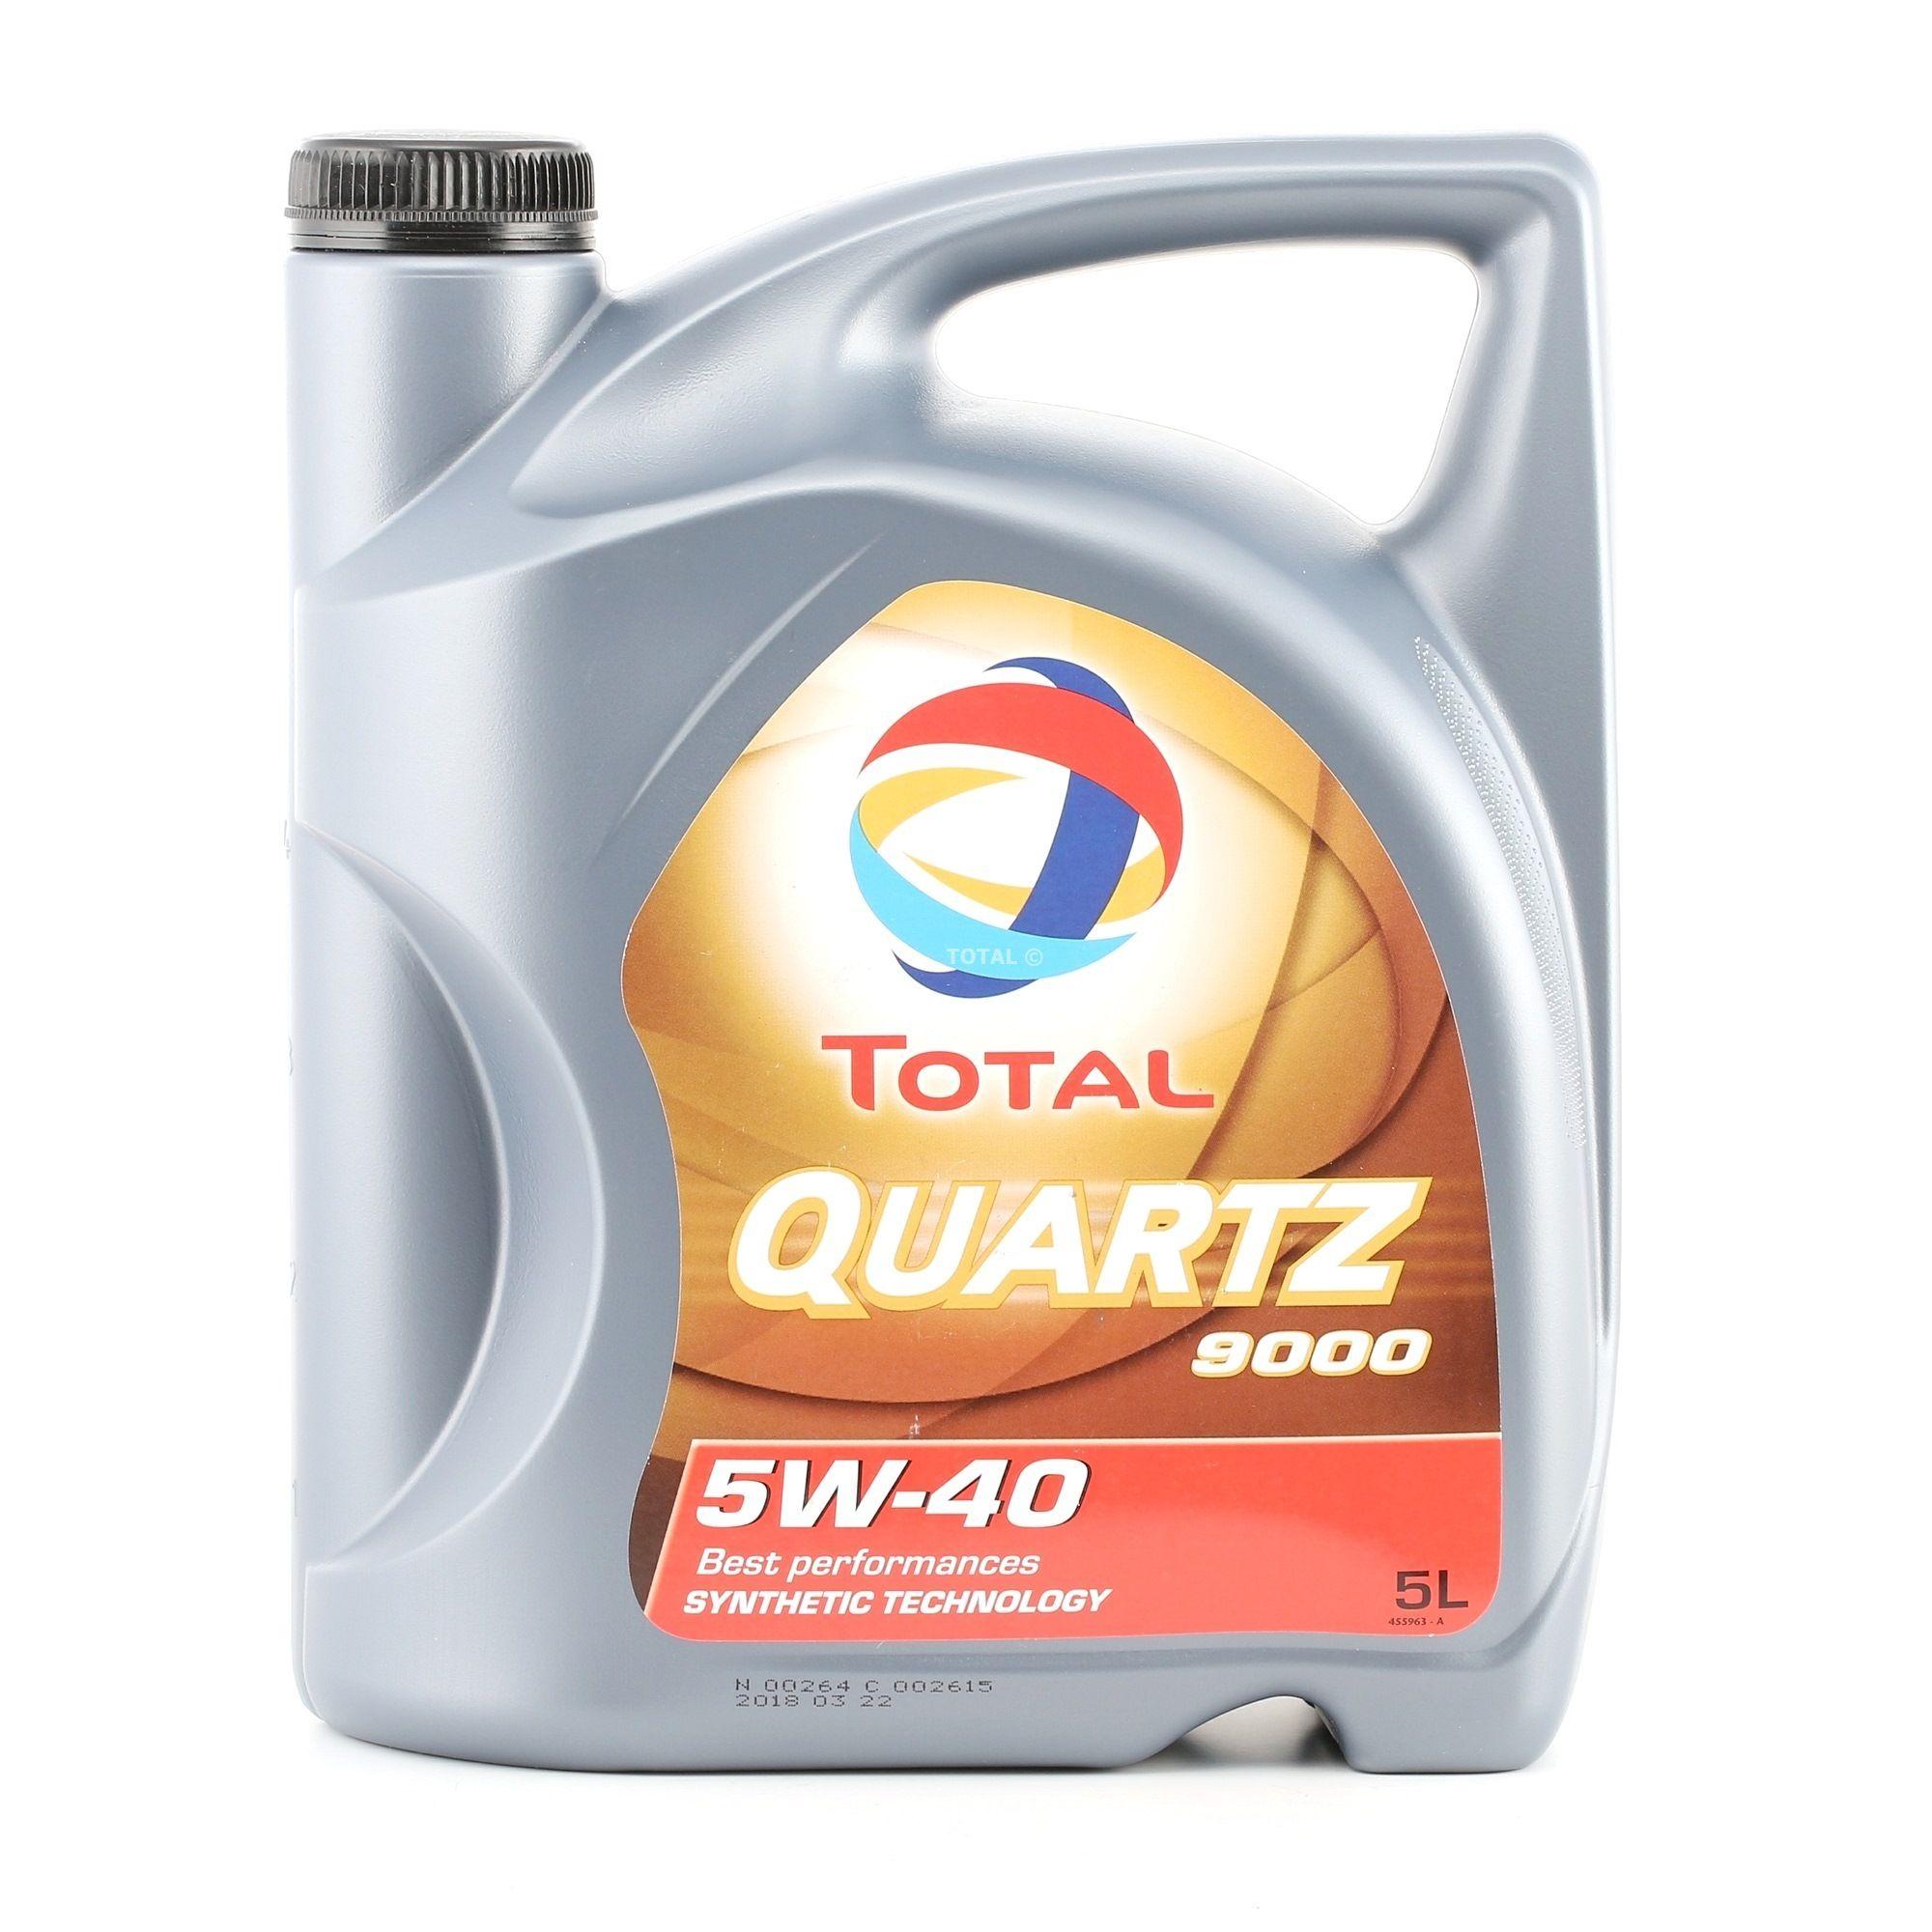 Achat de 201510301041 TOTAL Quartz, 9000 5W-40, 5I, Huile synthétique Huile moteur 2198275 pas chères